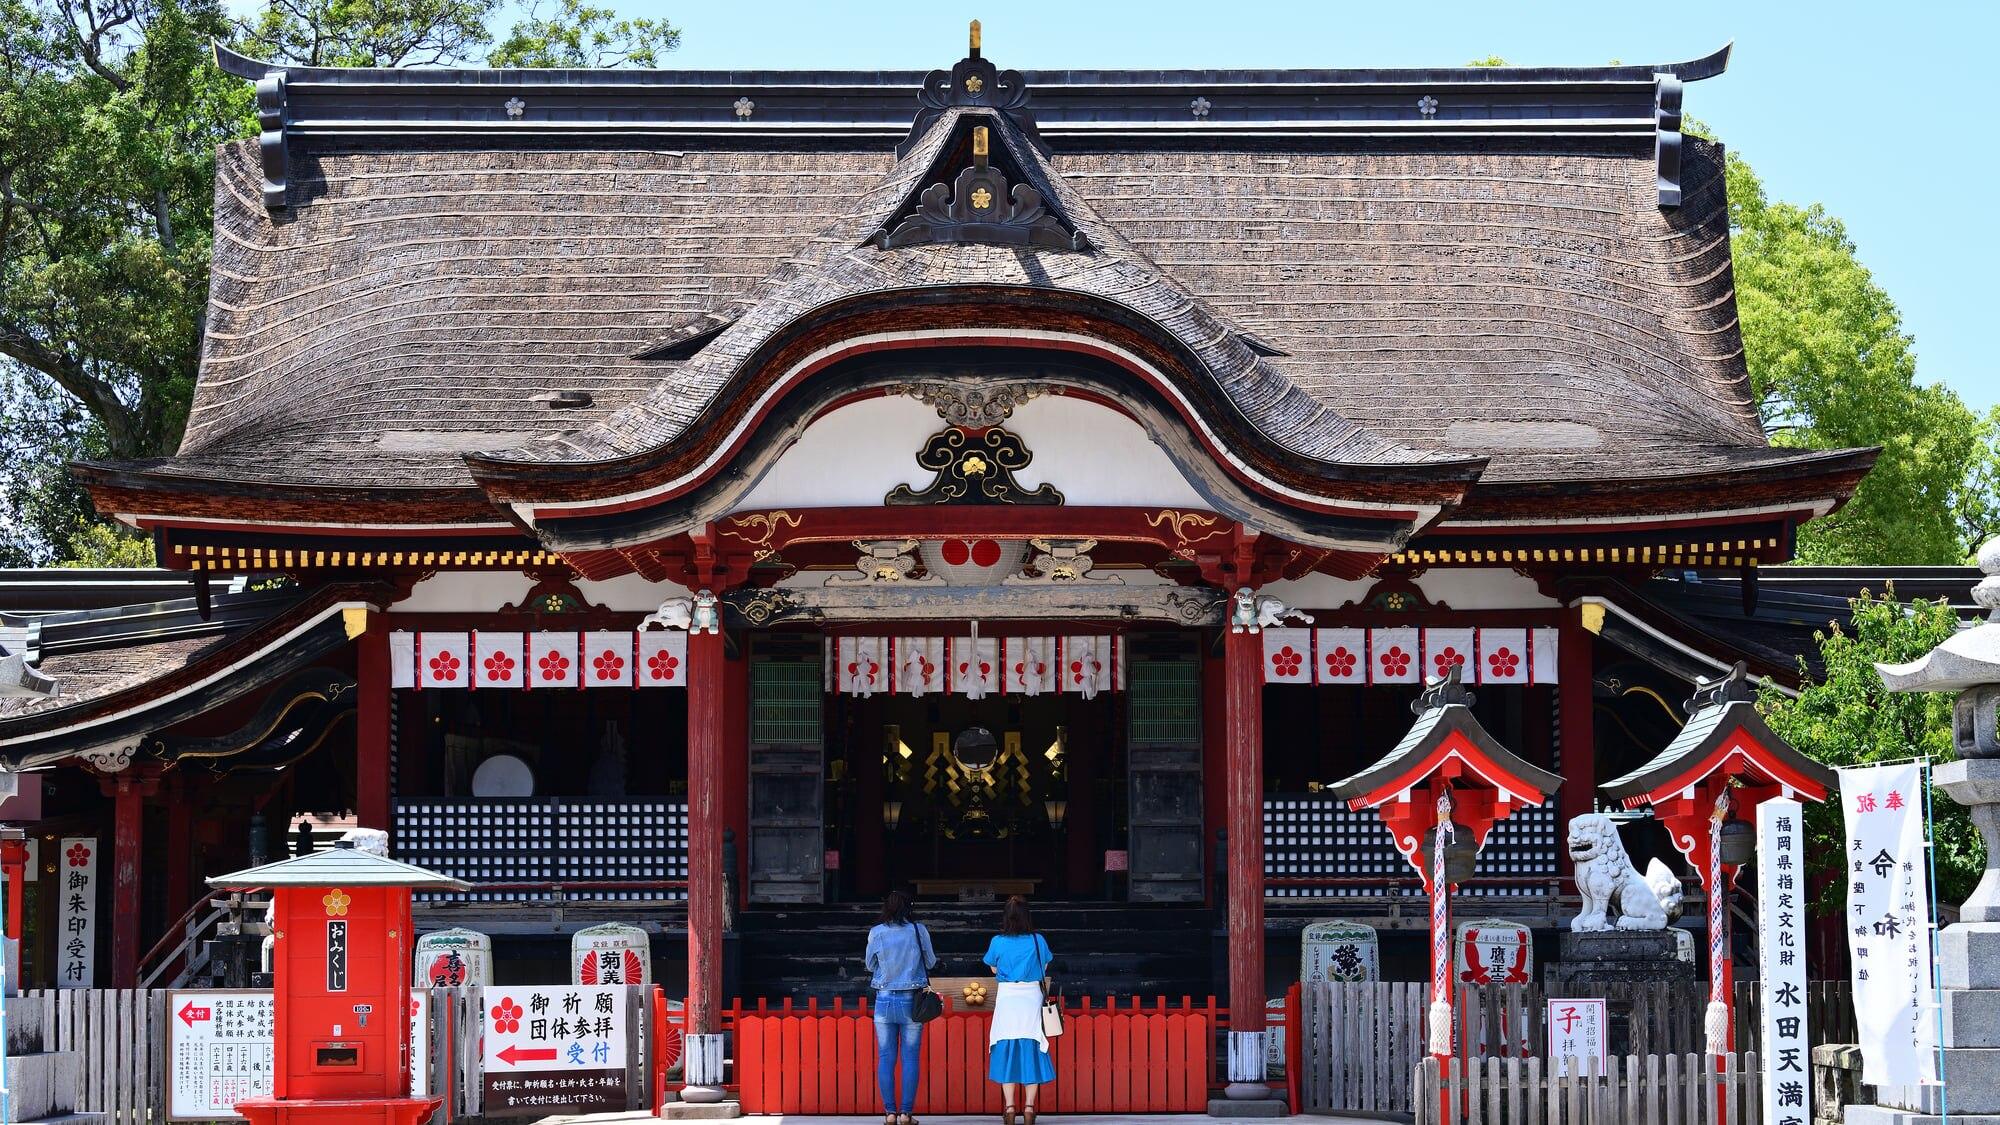 福岡県筑後市周辺のおすすめホテル6選!縁結びで有名な水田天満宮がある町